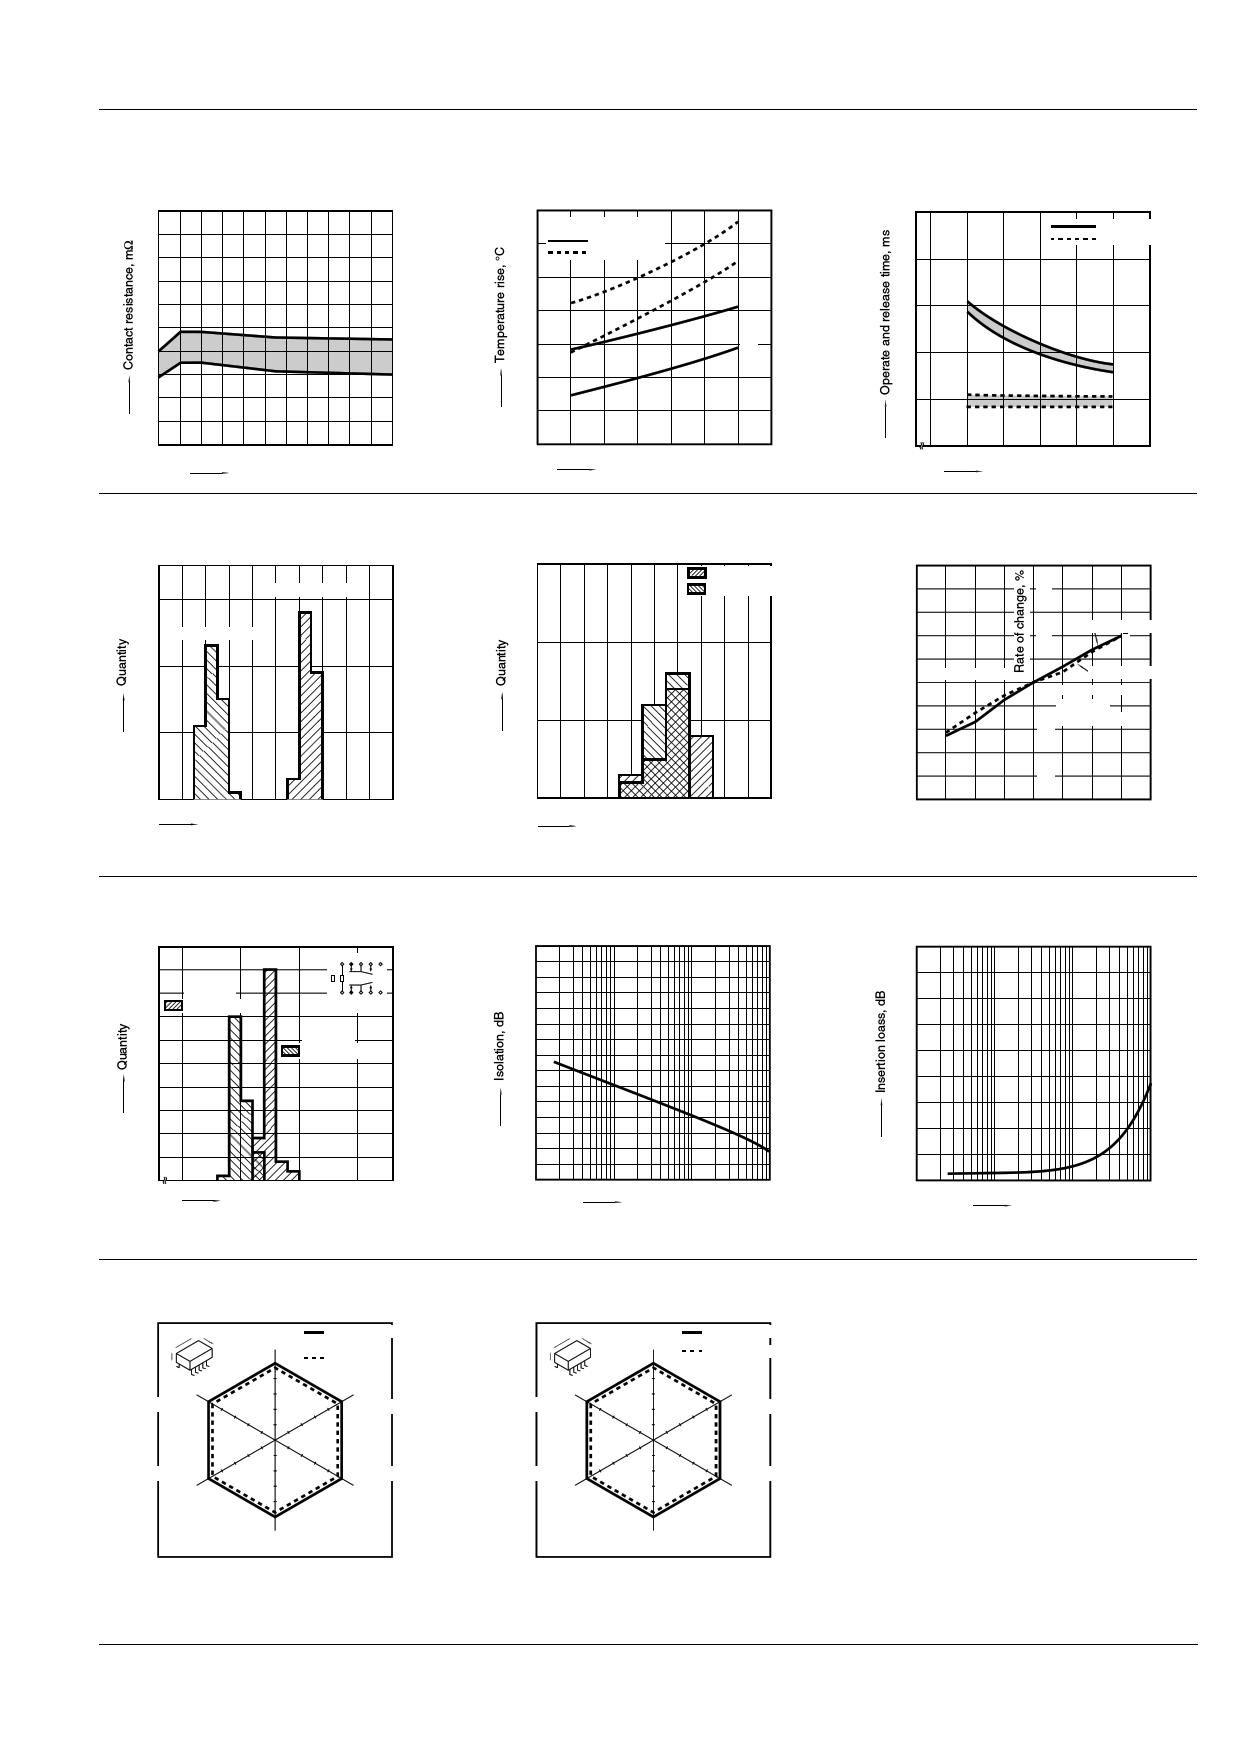 TQ2SS-L2-3V pdf, 반도체, 판매, 대치품